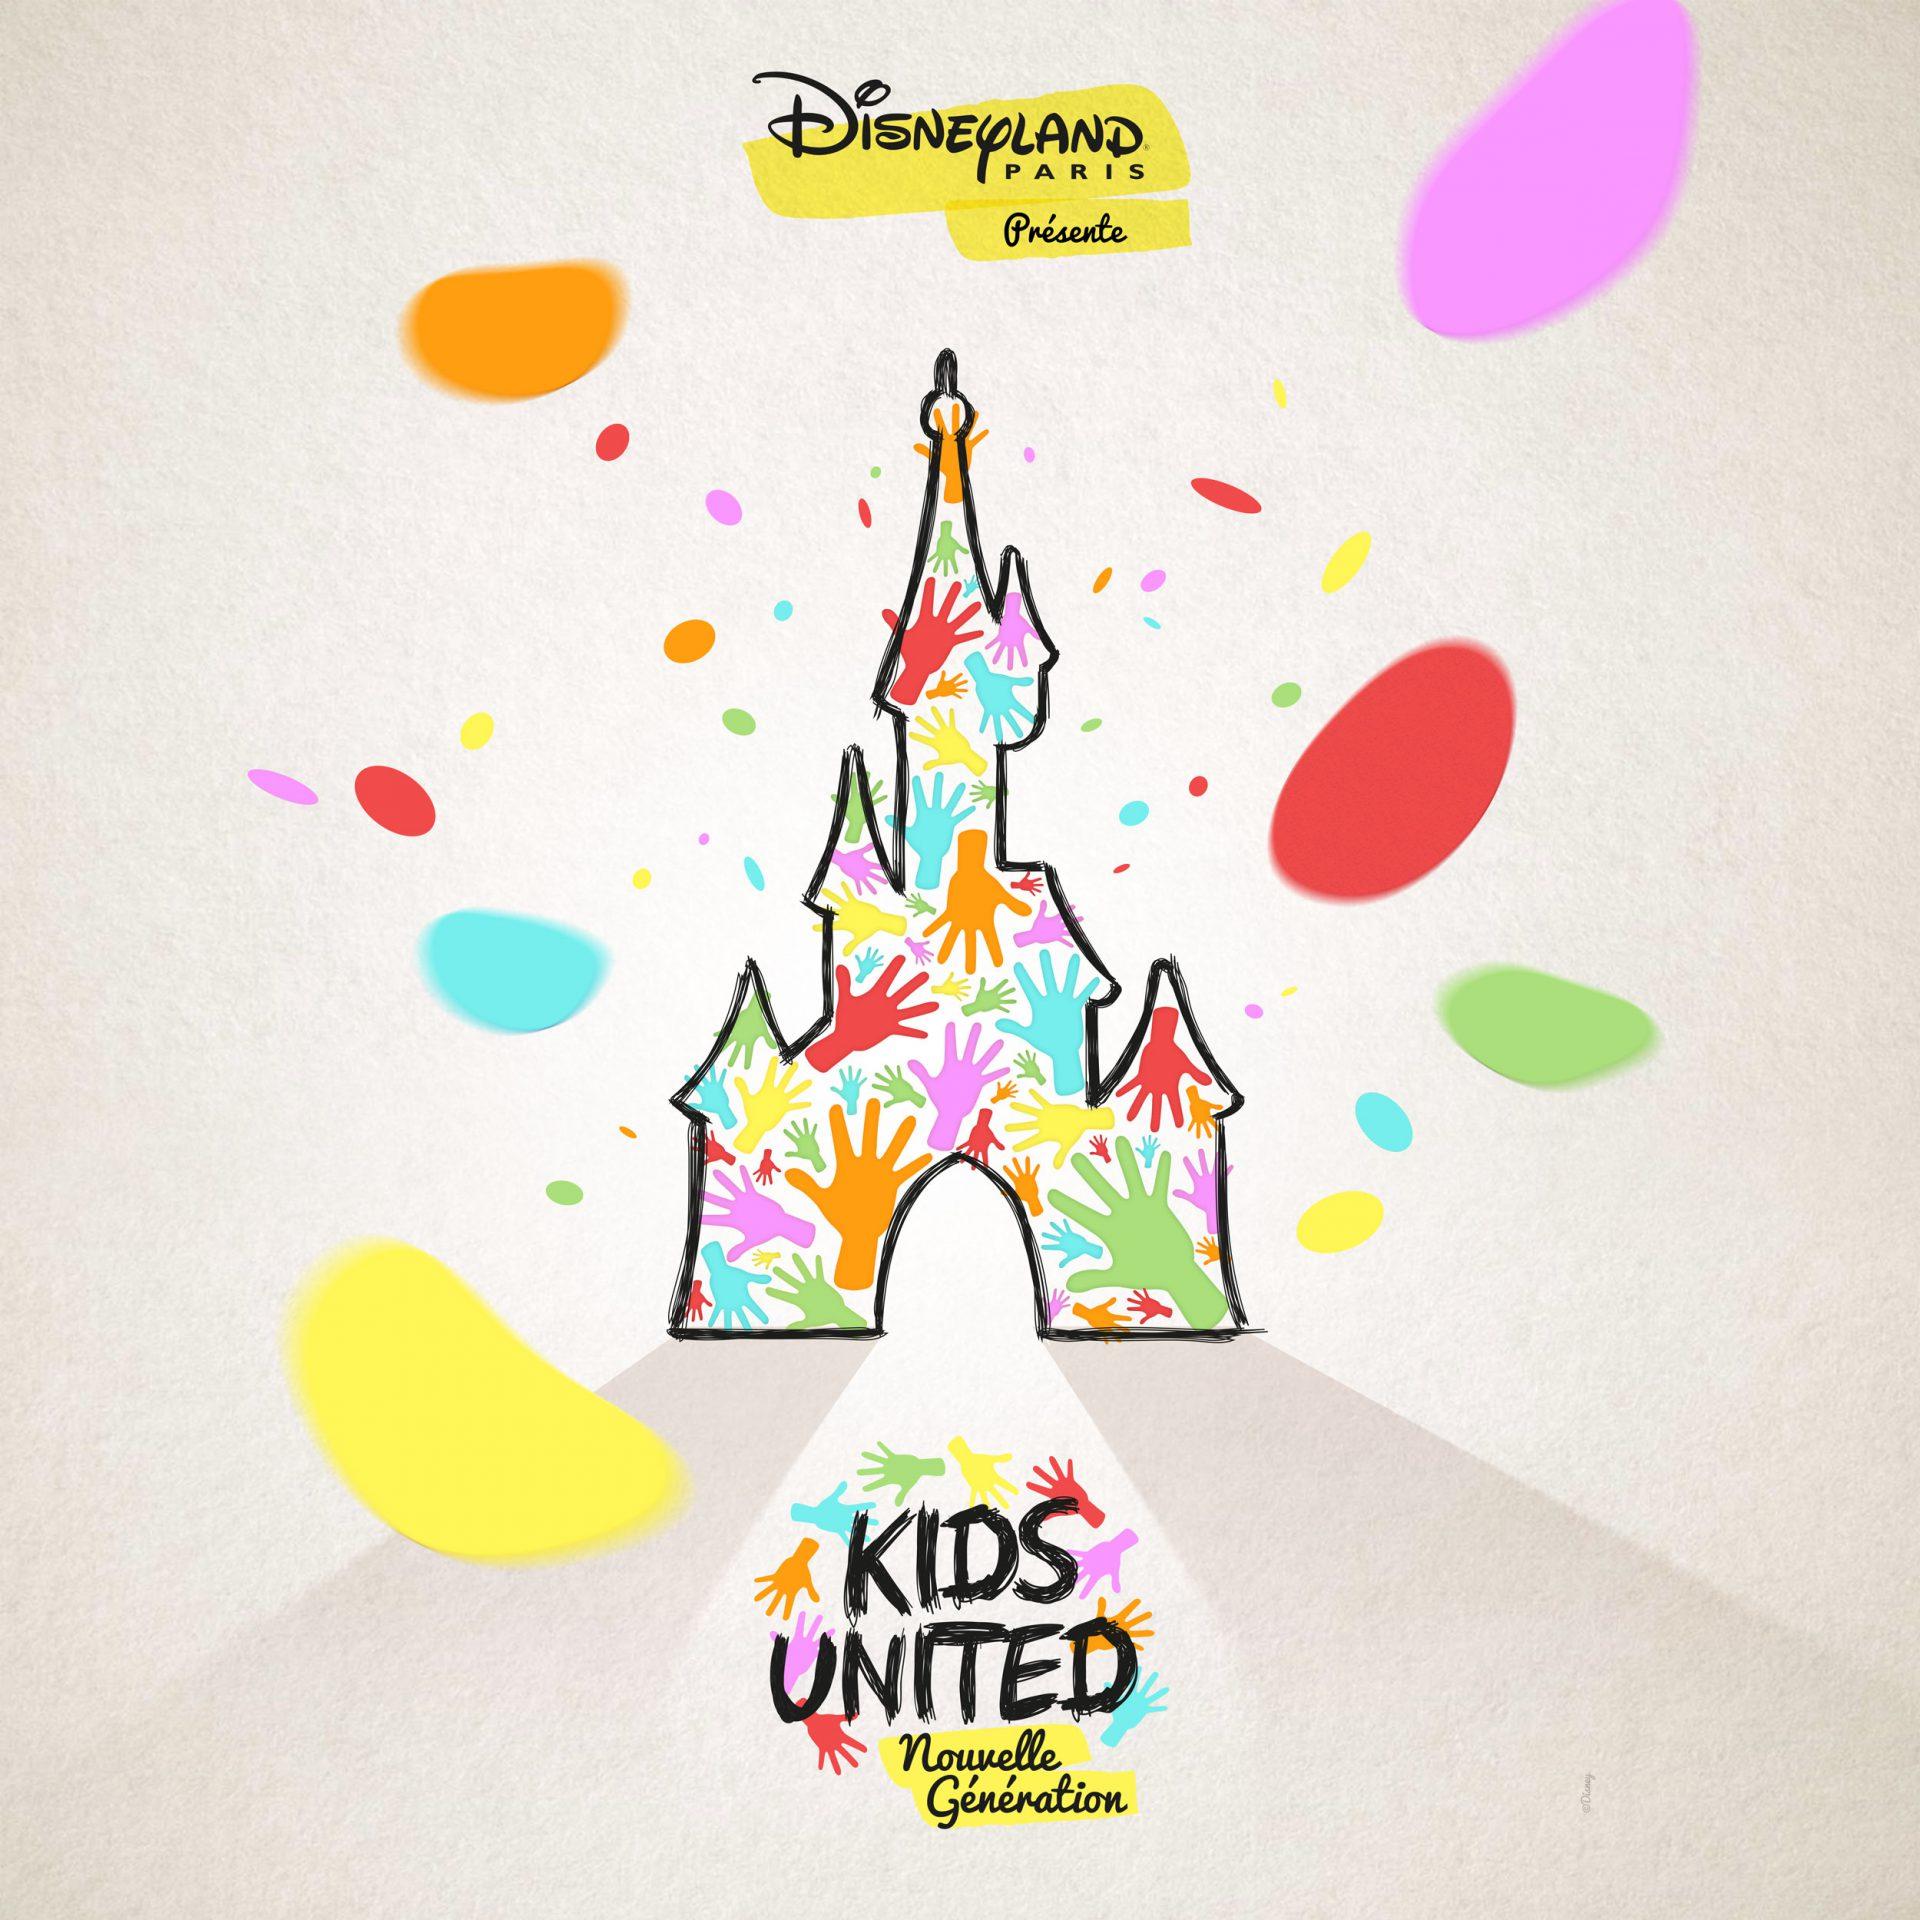 Disneyland Paris Kids United KV